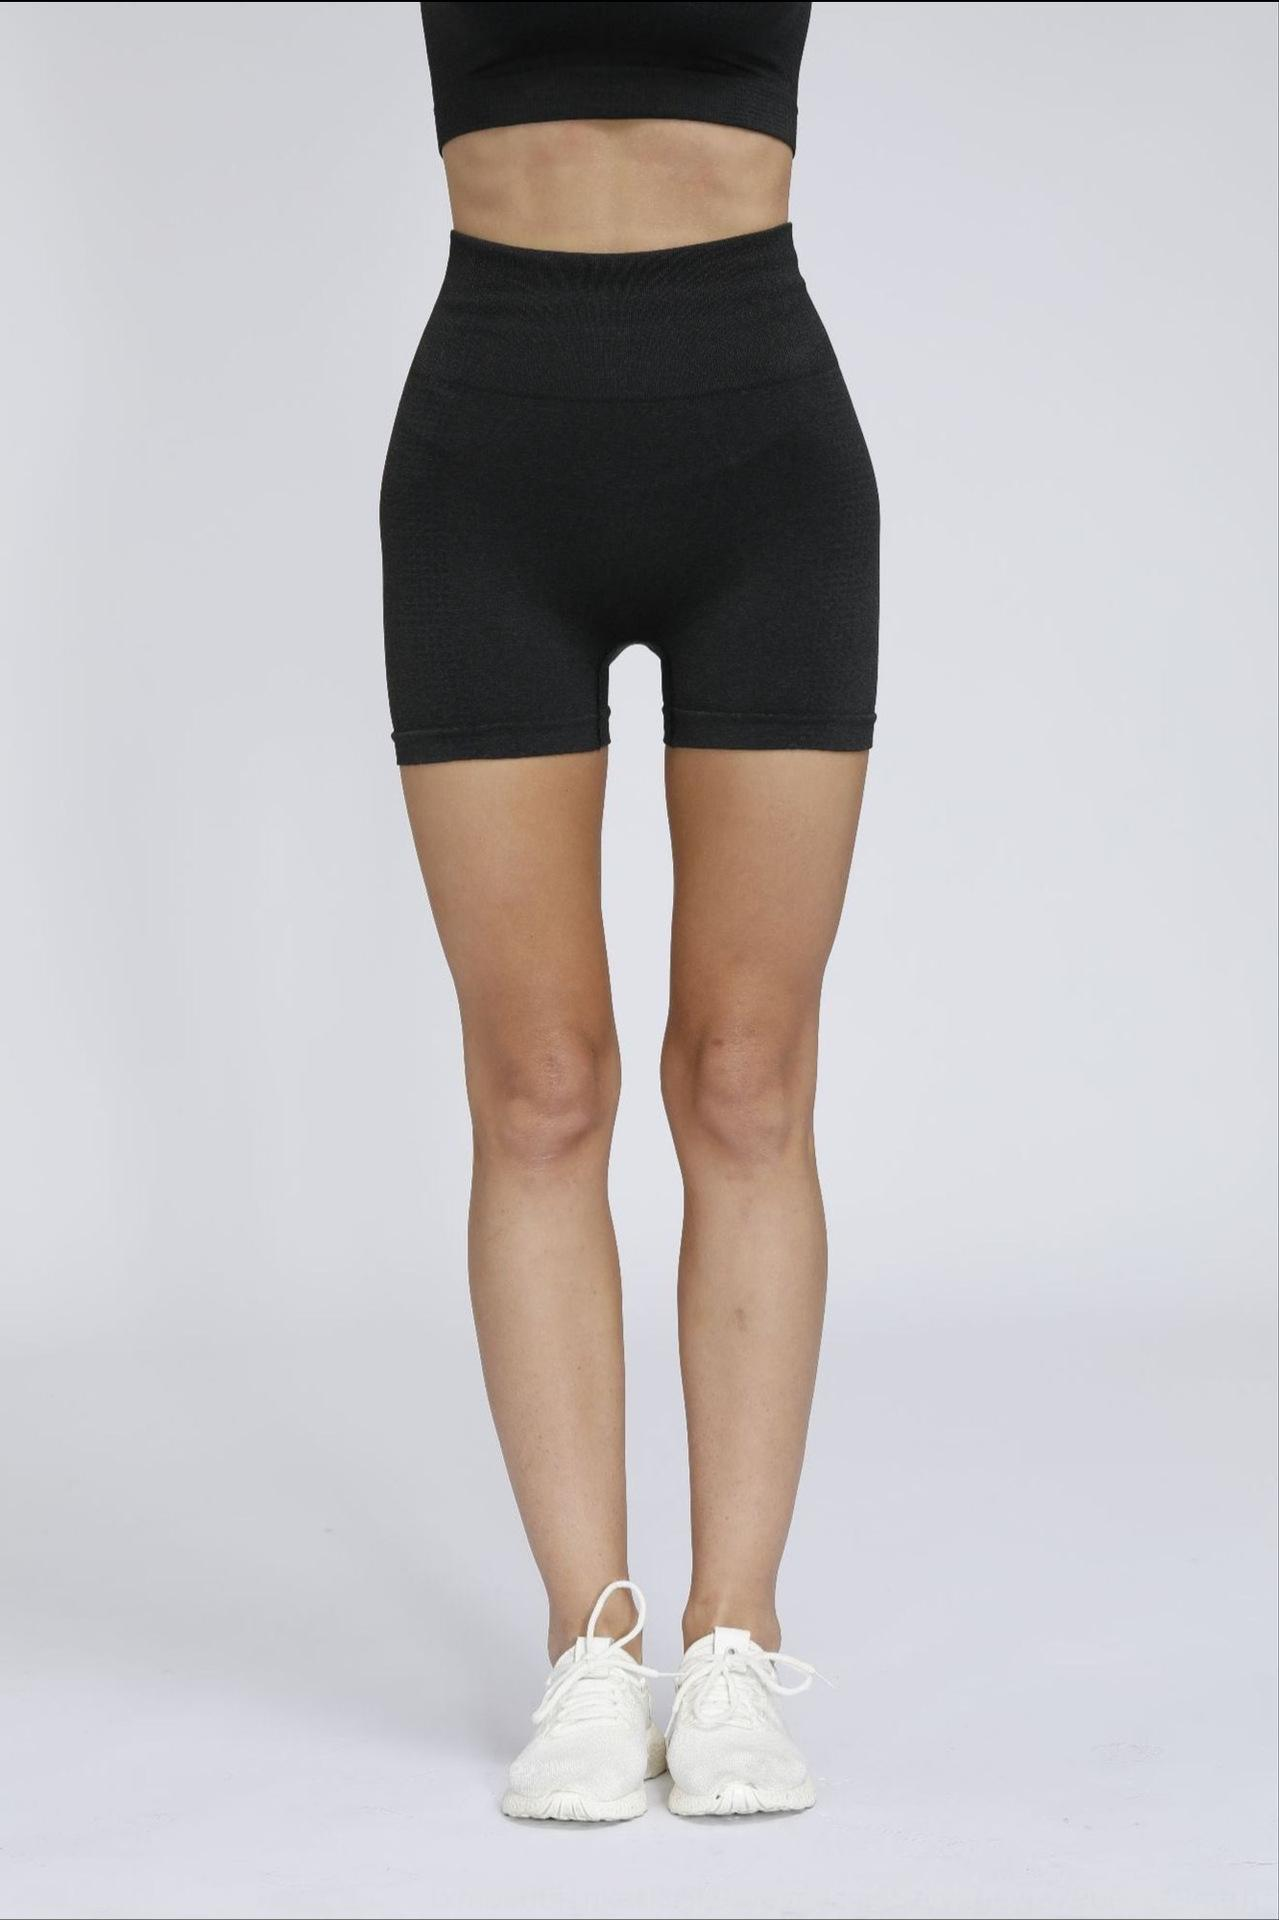 iRgNn New hip-lifting malha de fitness elástica pontilhada jacquard perfeita apertado alta roupa roupa yoga roupas terno yoga Shor 8iMhB